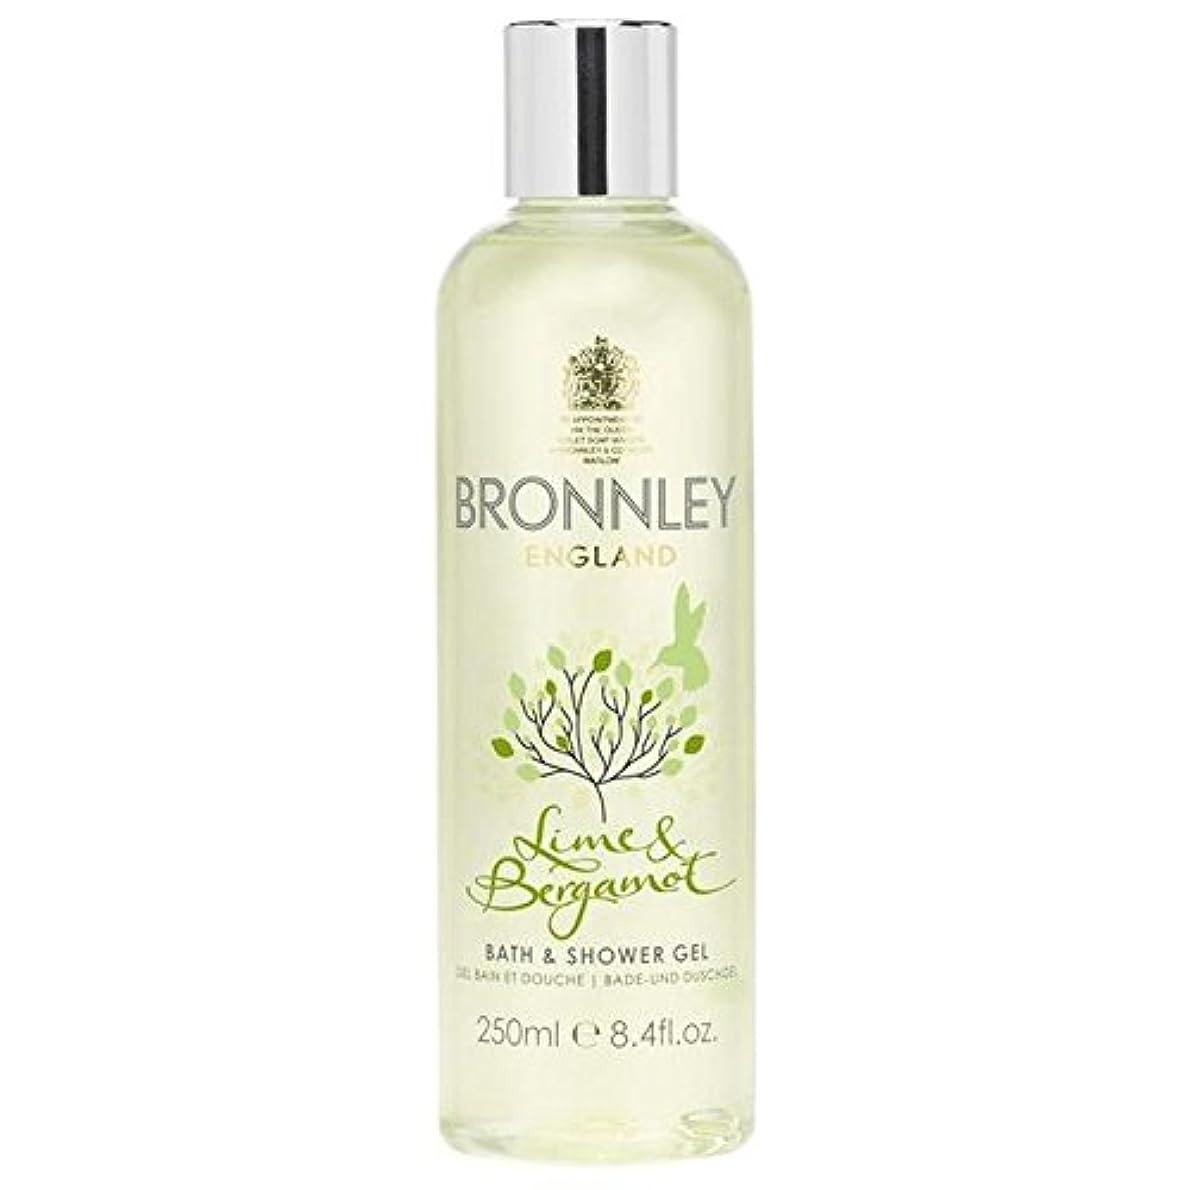 さようなら隙間駐地Bronnley Lime & Bergamot Bath & Shower Gel 250ml - ライム&ベルガモットバス&シャワージェル250ミリリットル [並行輸入品]